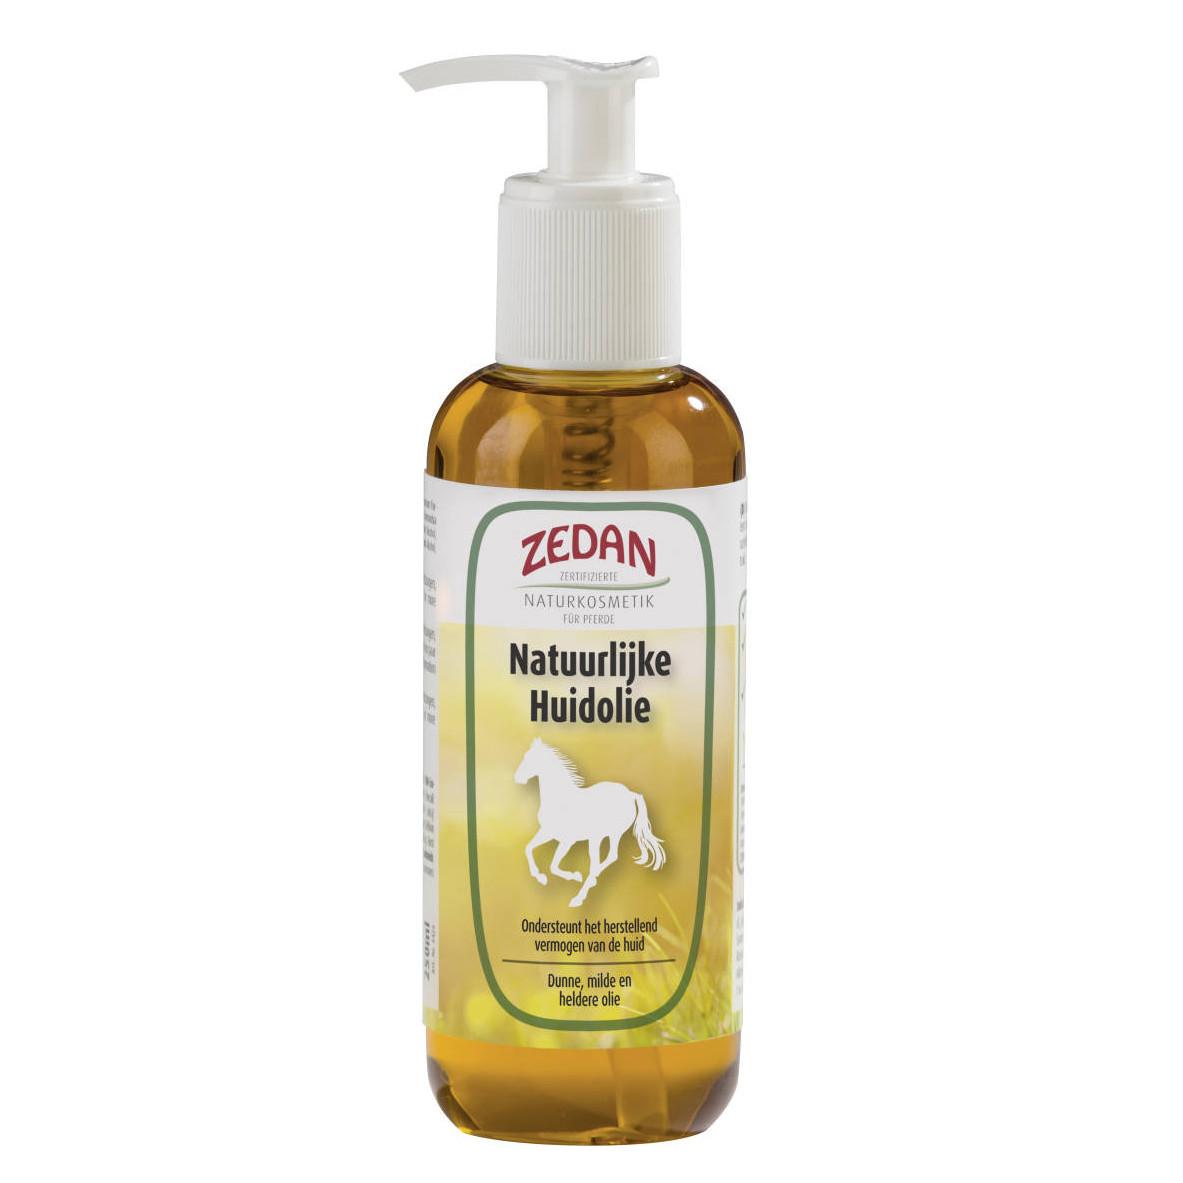 Zedan natuurlijke huid olie 250ml